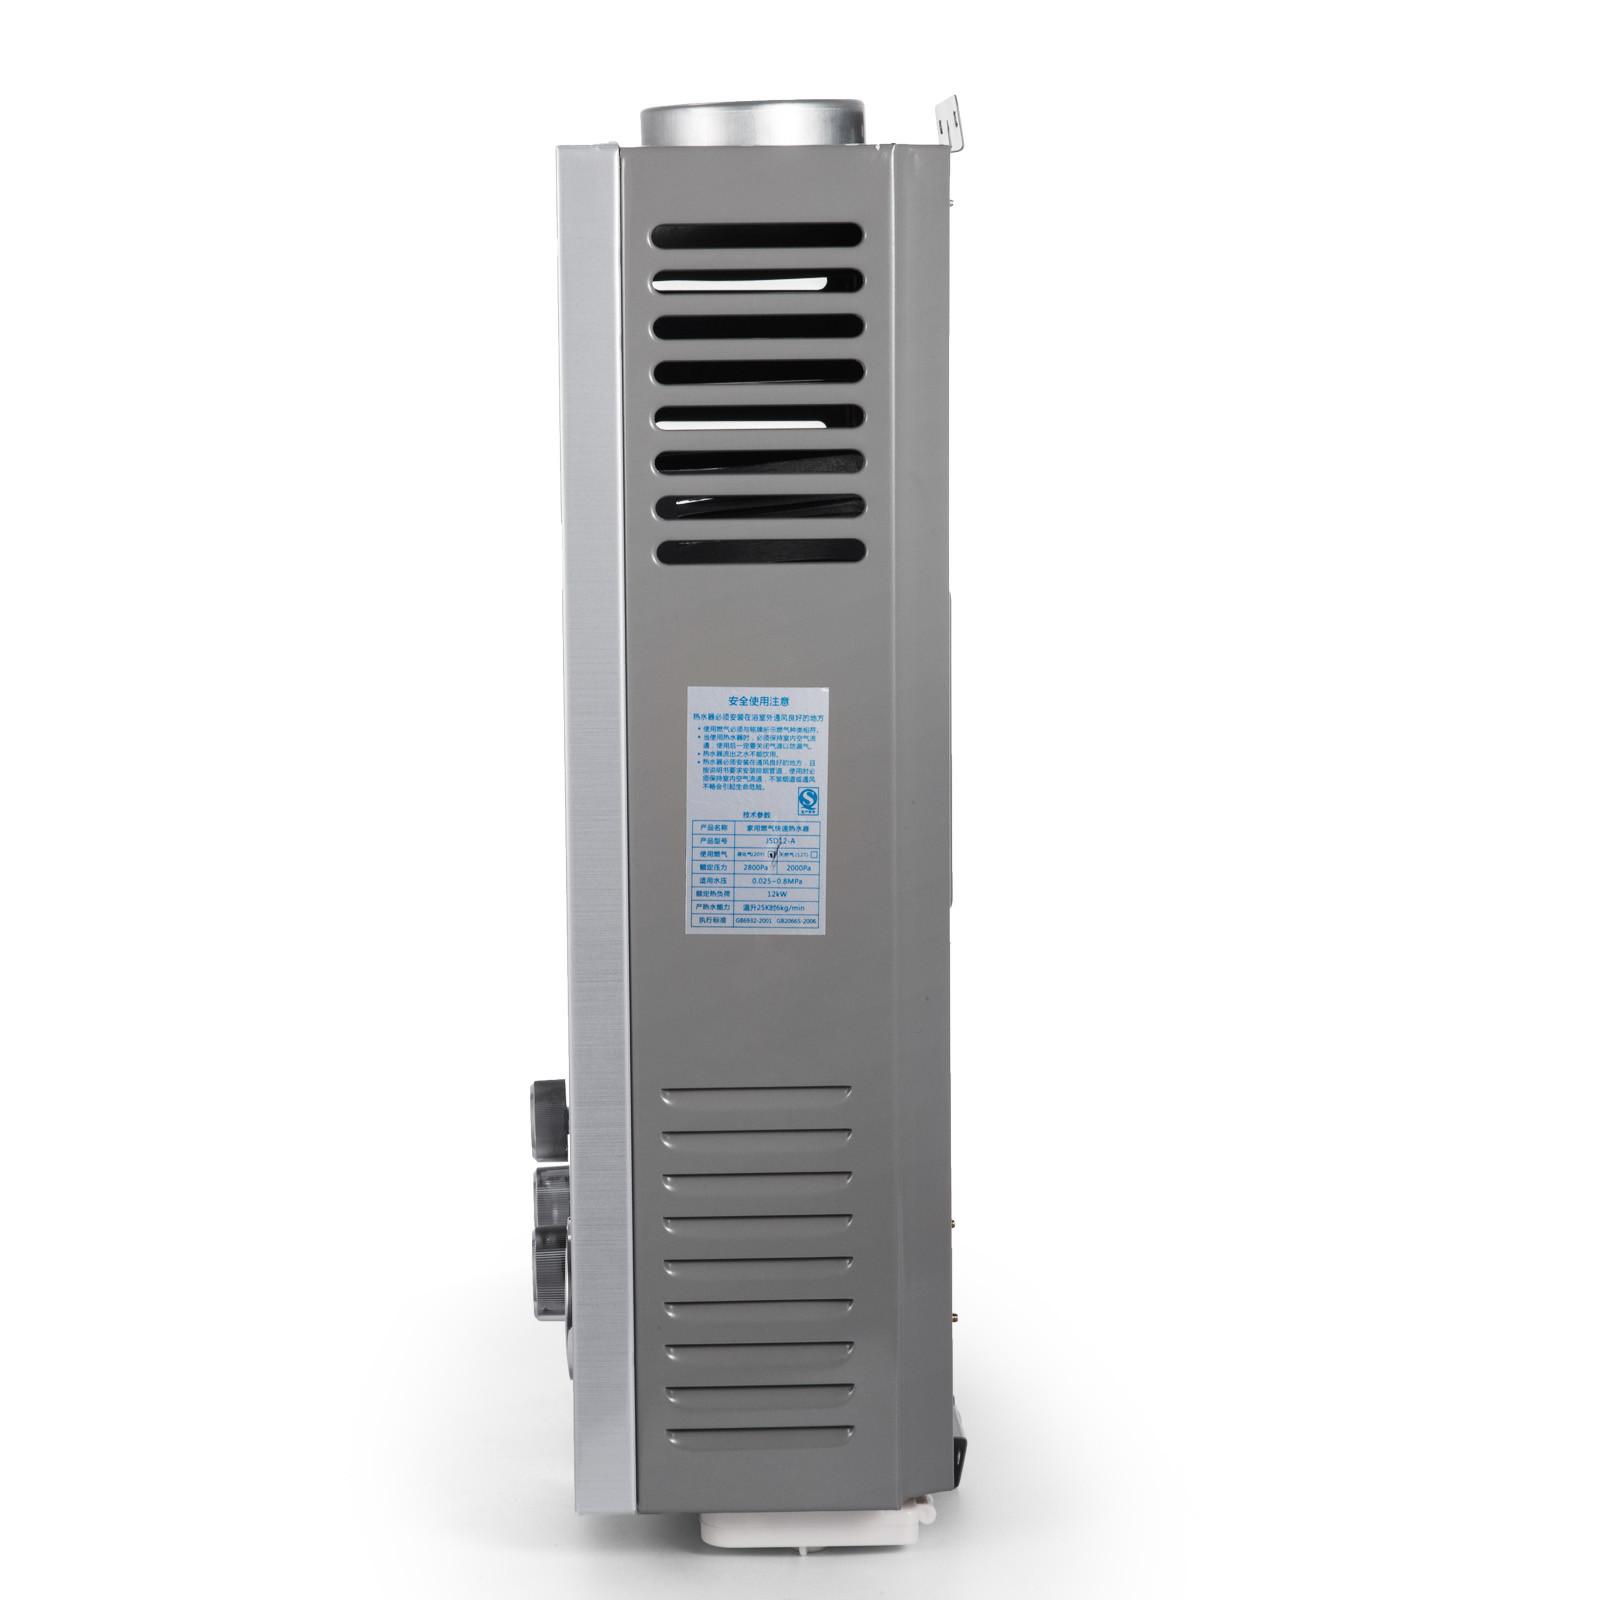 Propangas-Gas-Durchlauferhitzer-Warmwasserbereiter-Boiler-Warmwasserspeicher Indexbild 40